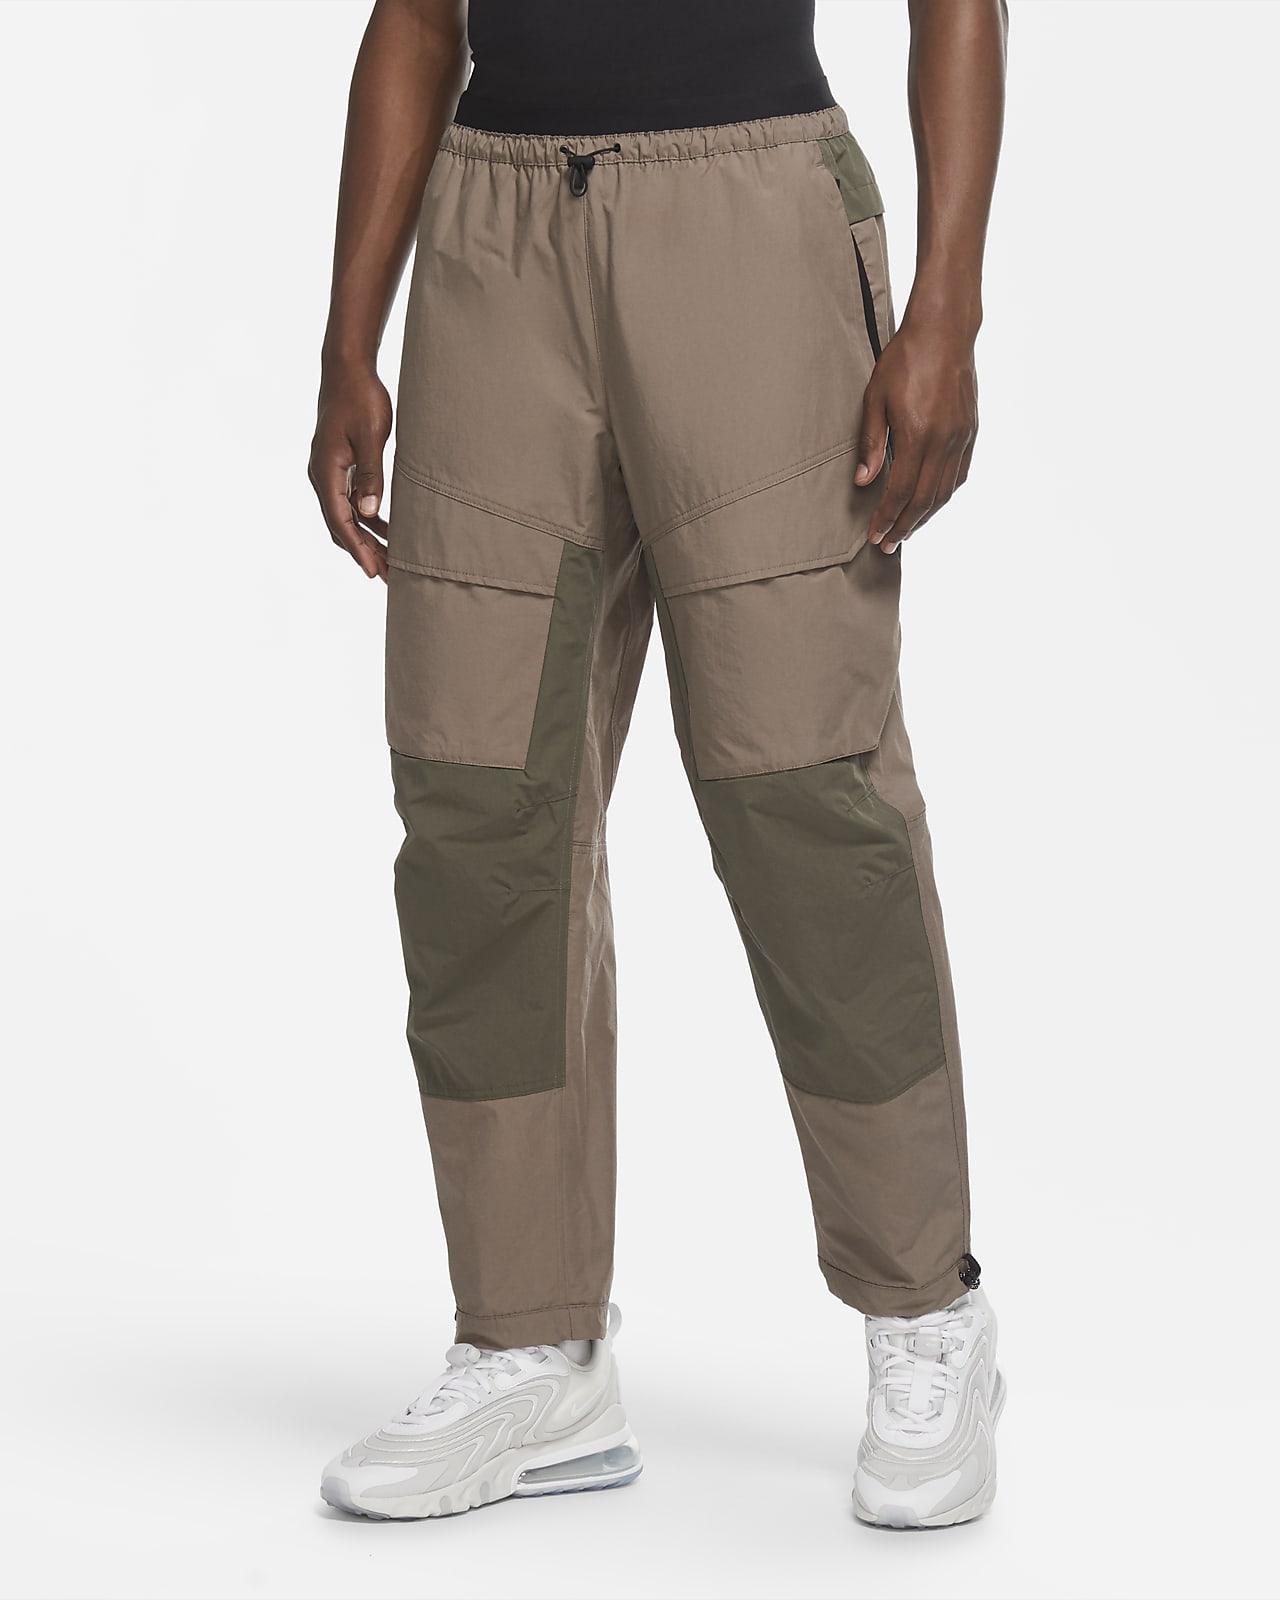 Pantalon tissé Nike Sportswear Tech Pack pour Homme